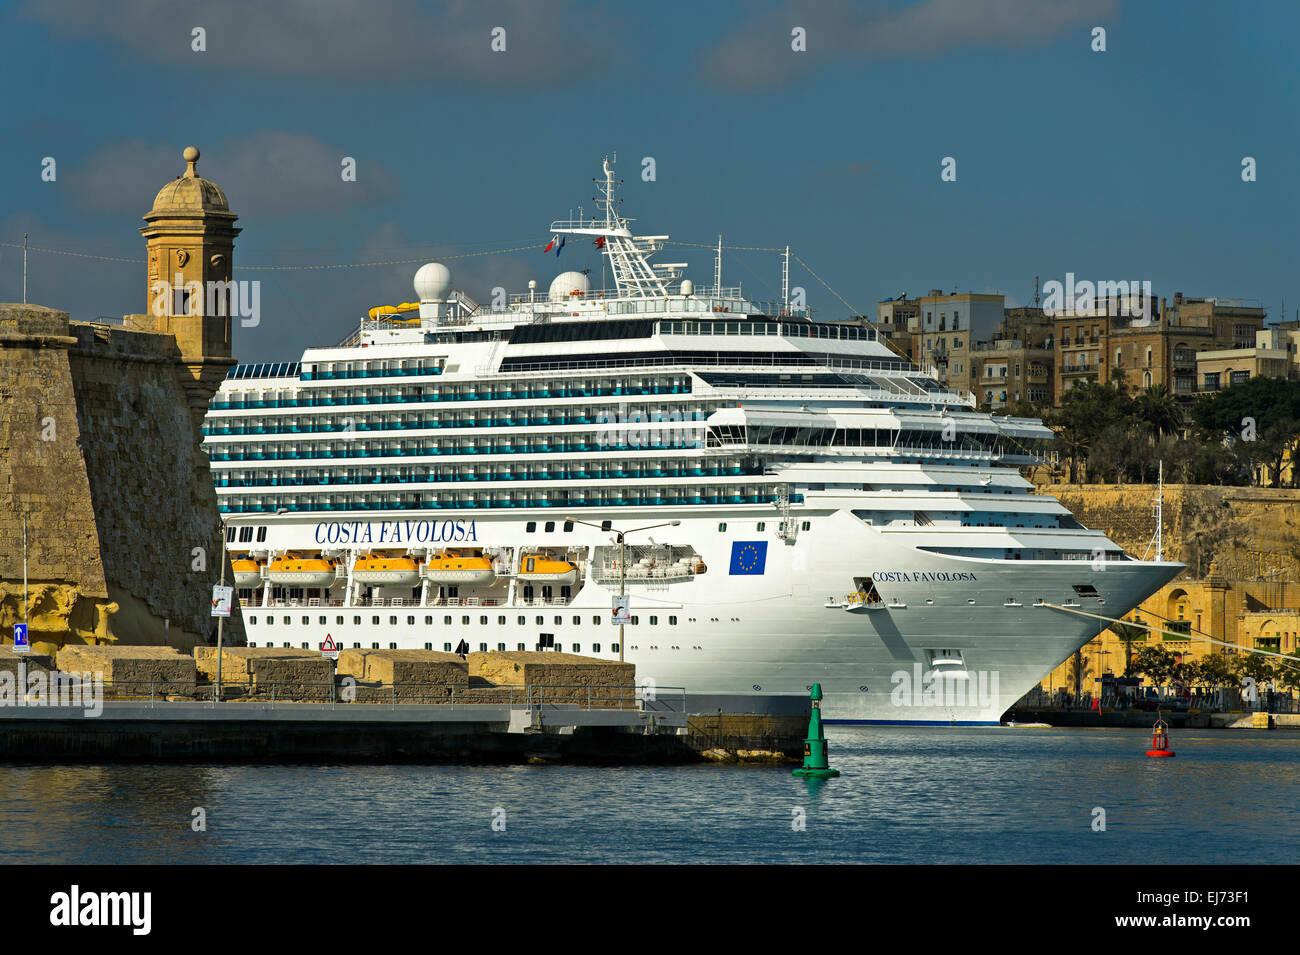 Cruise ship Costa Favolosa in the port of Valletta, Malta - Stock Image